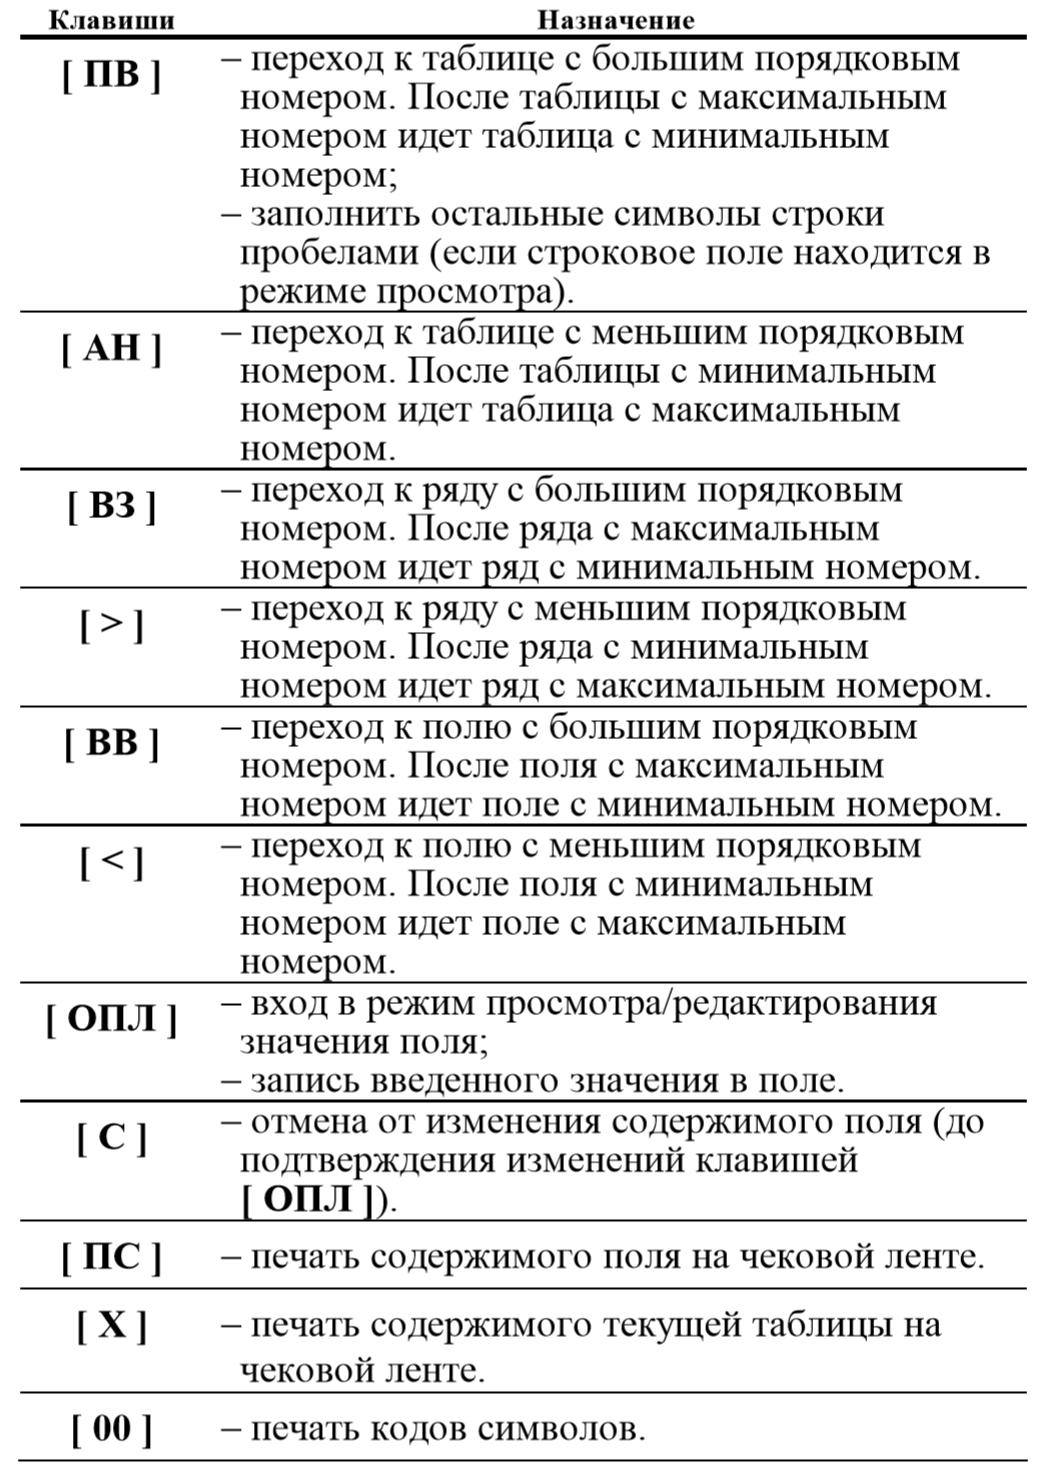 Функции клавиш при программировании полей Элвес МФ